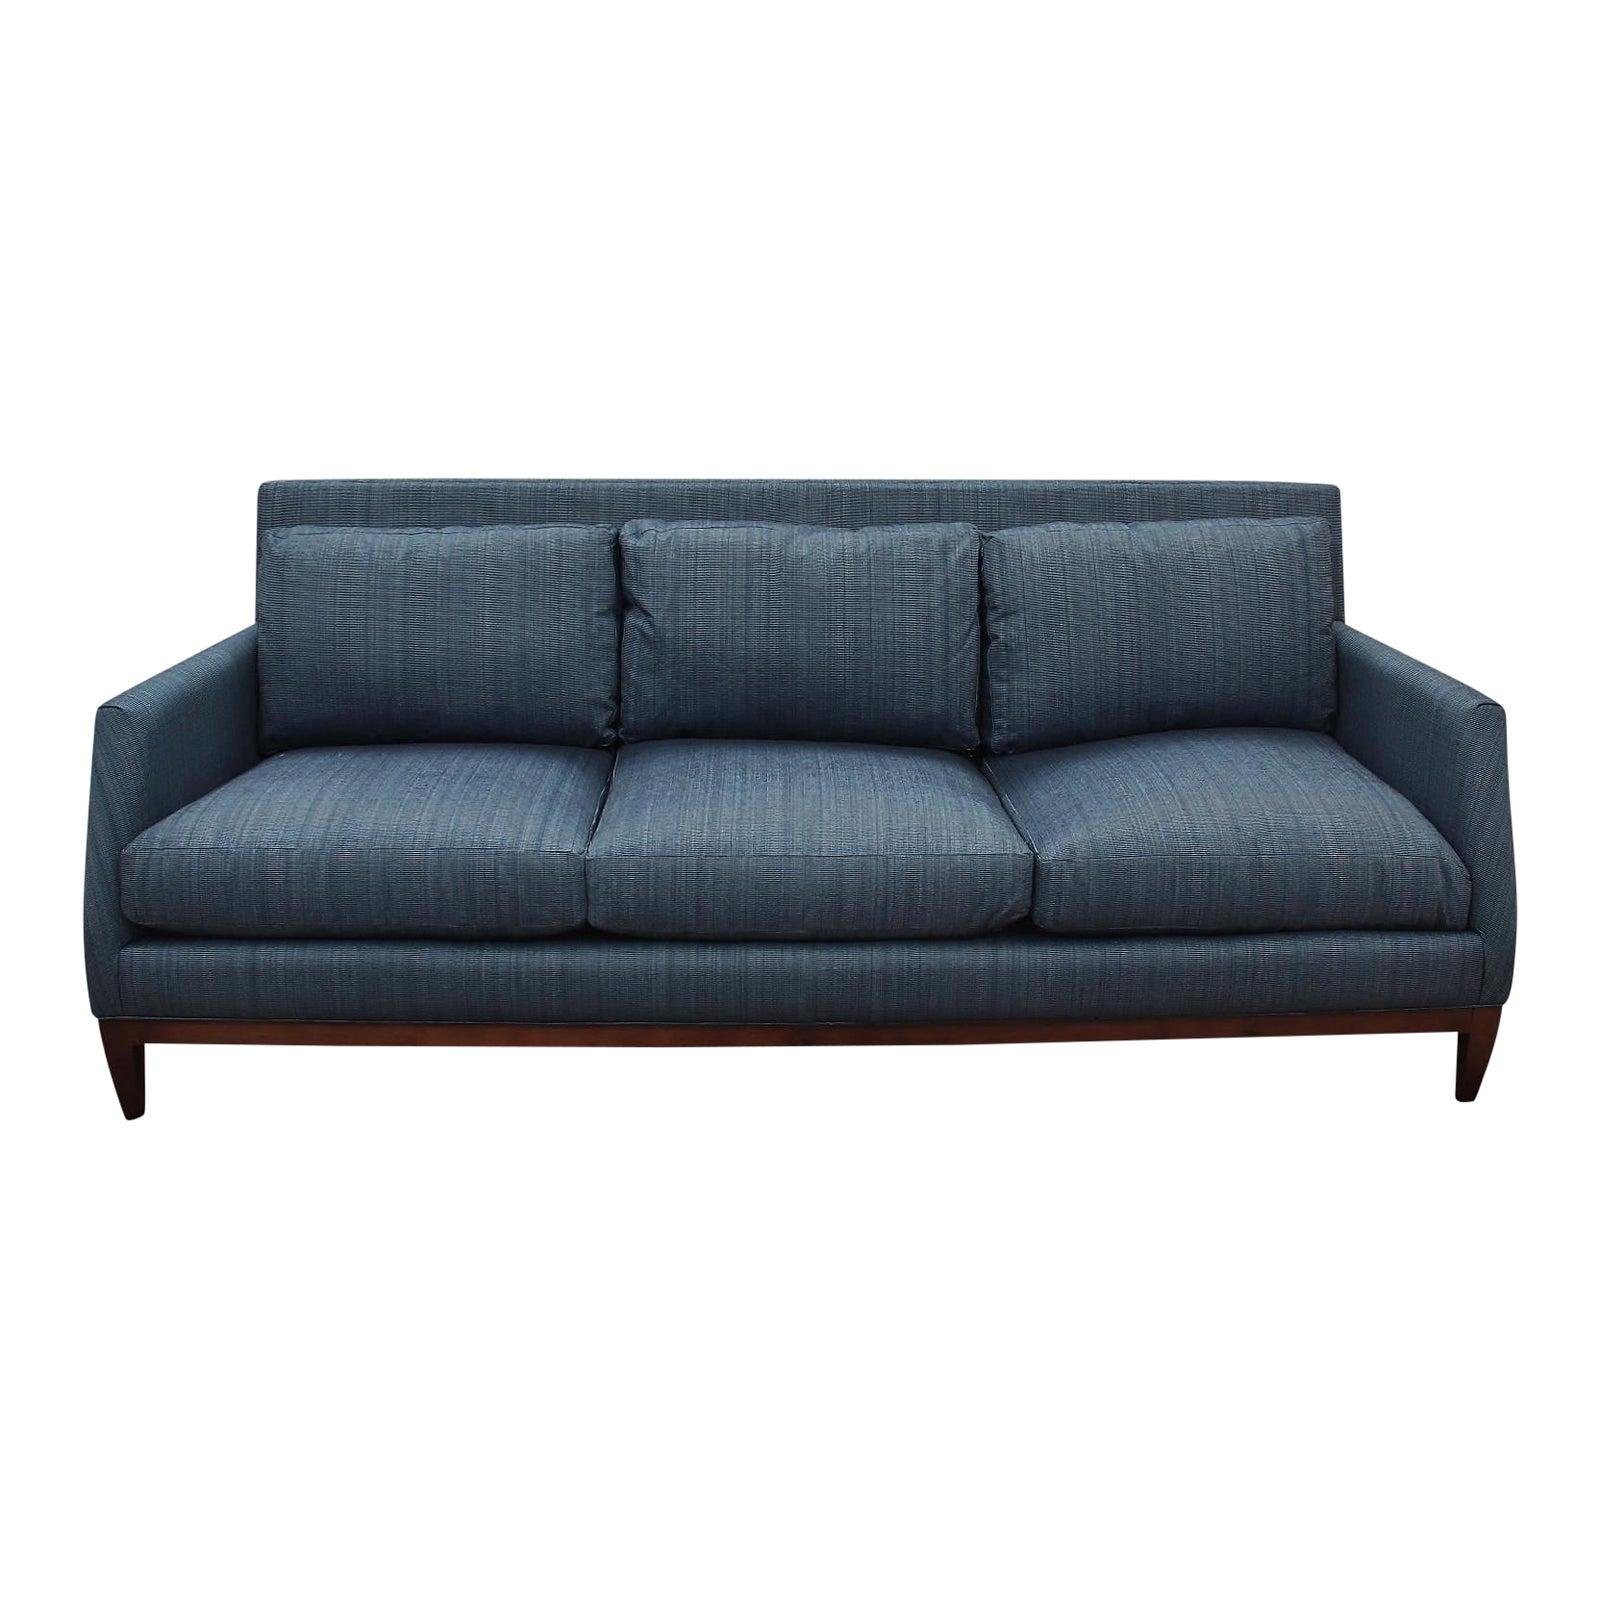 Mid Century Modern Style Robert Allen Navy Sofa